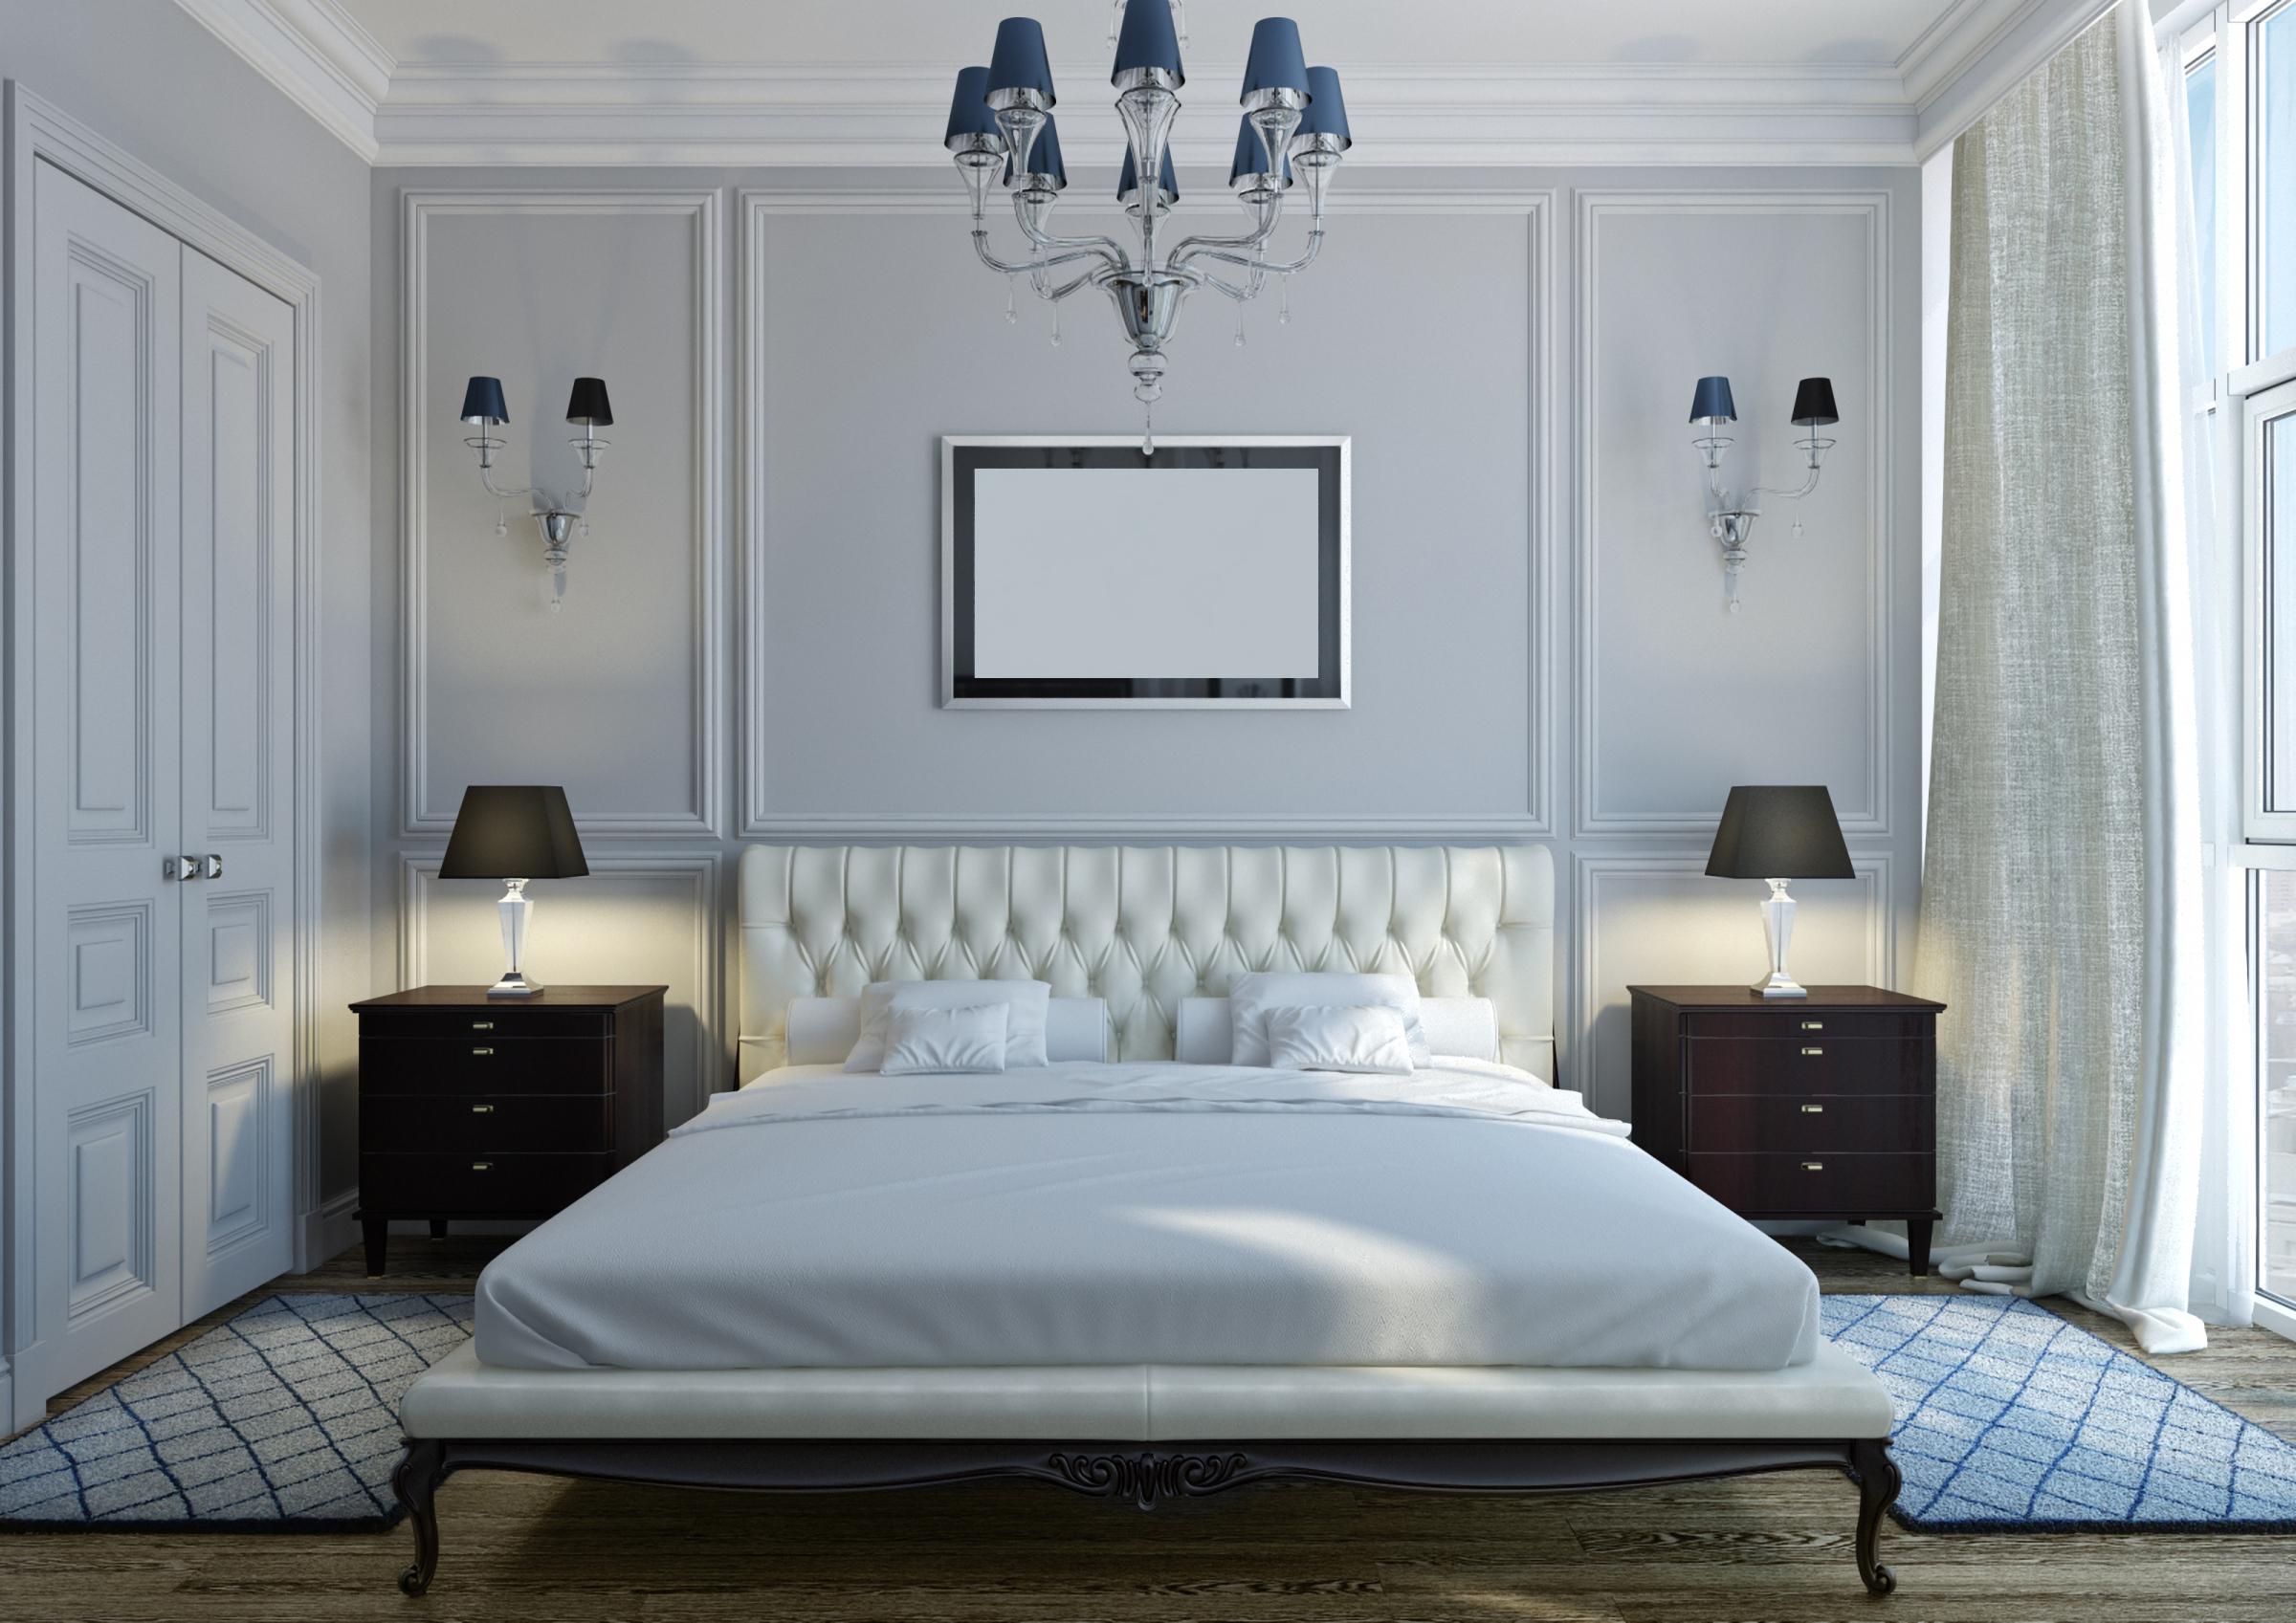 Как правильно писать спальня или спальная